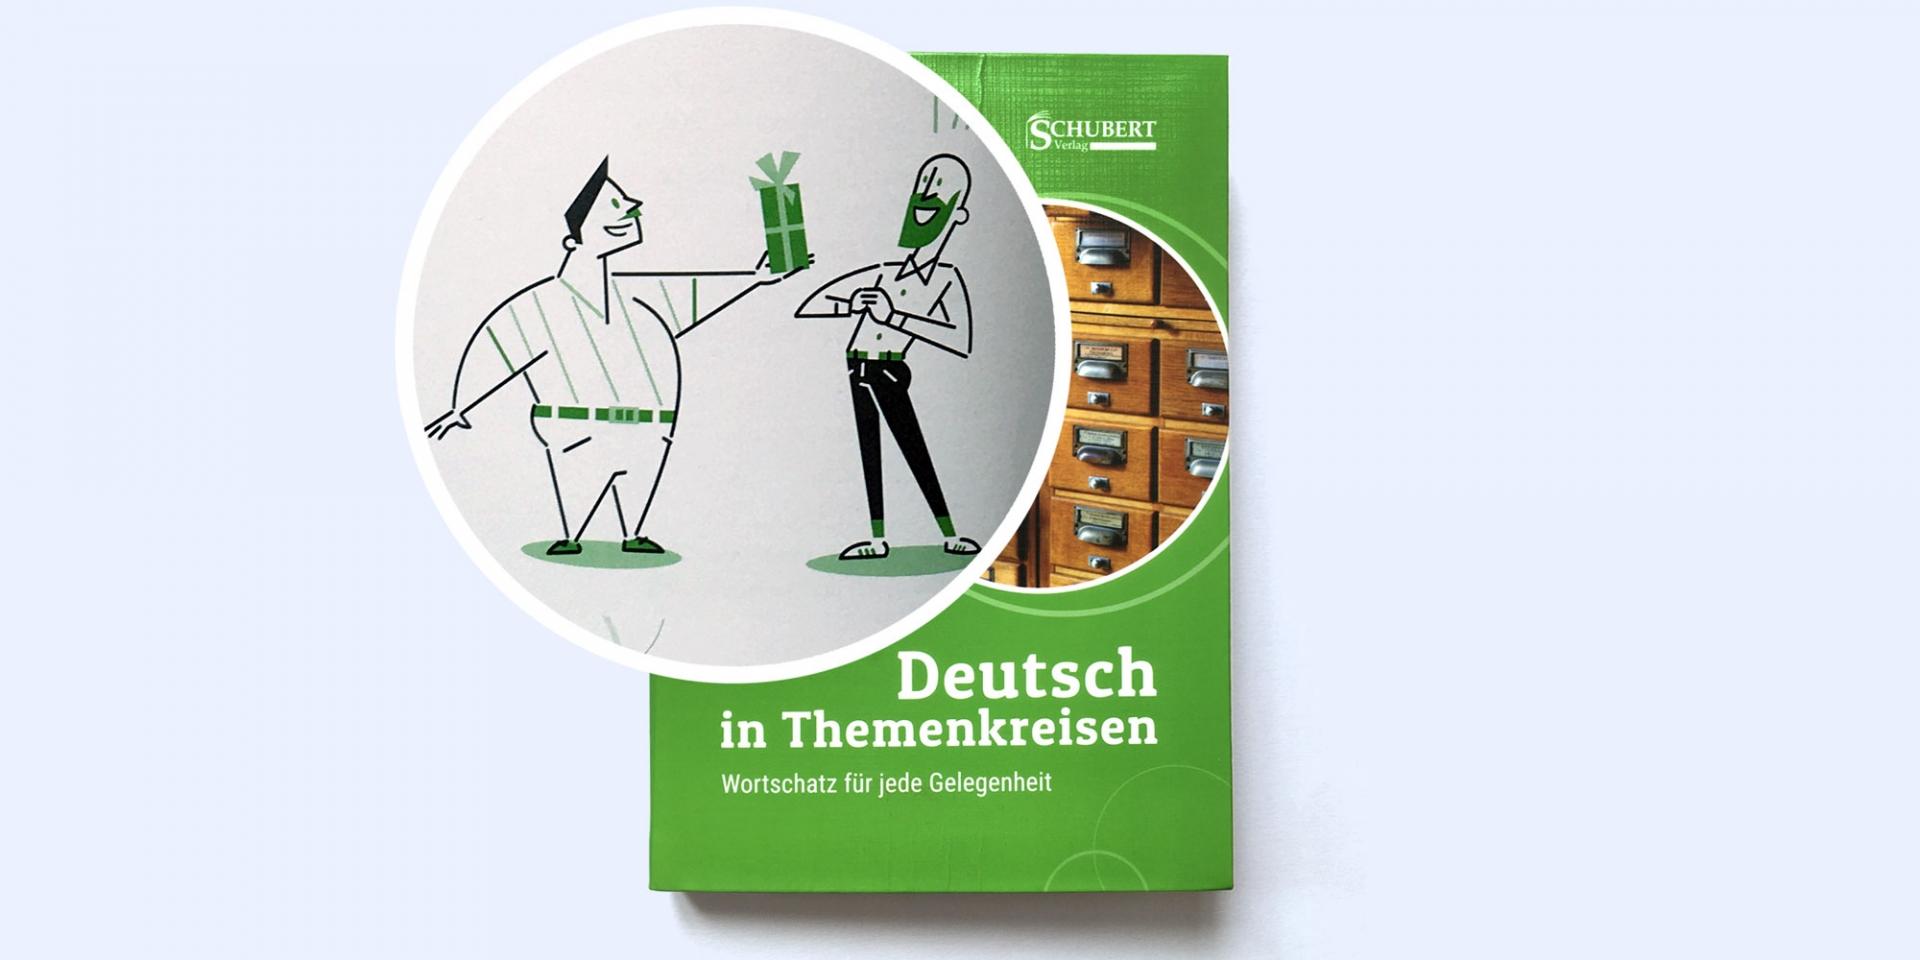 SCHUBERT – Schulbuchillustration